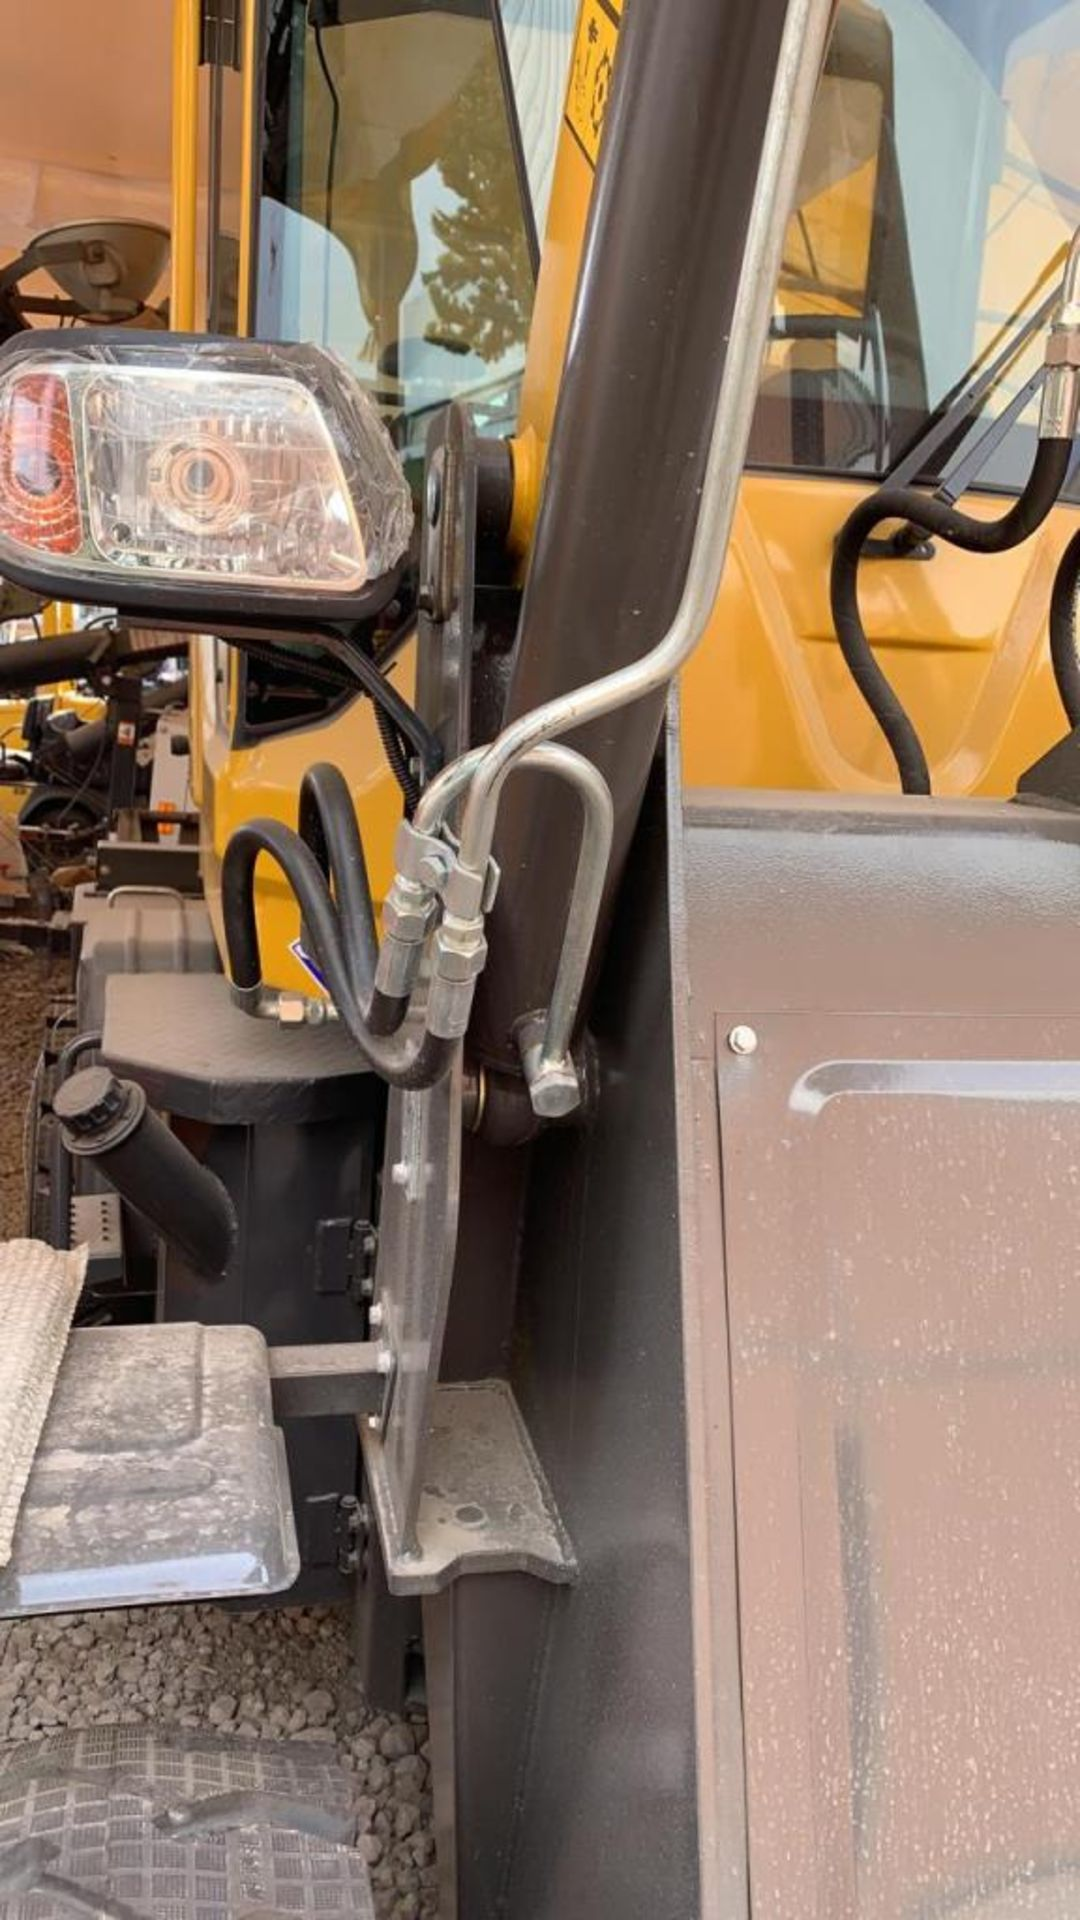 2020 Shang Ding (Wheel Loader) ZL26 Front Loader Serial number 200711437, Loading capacity 1,500 kg - Image 12 of 17